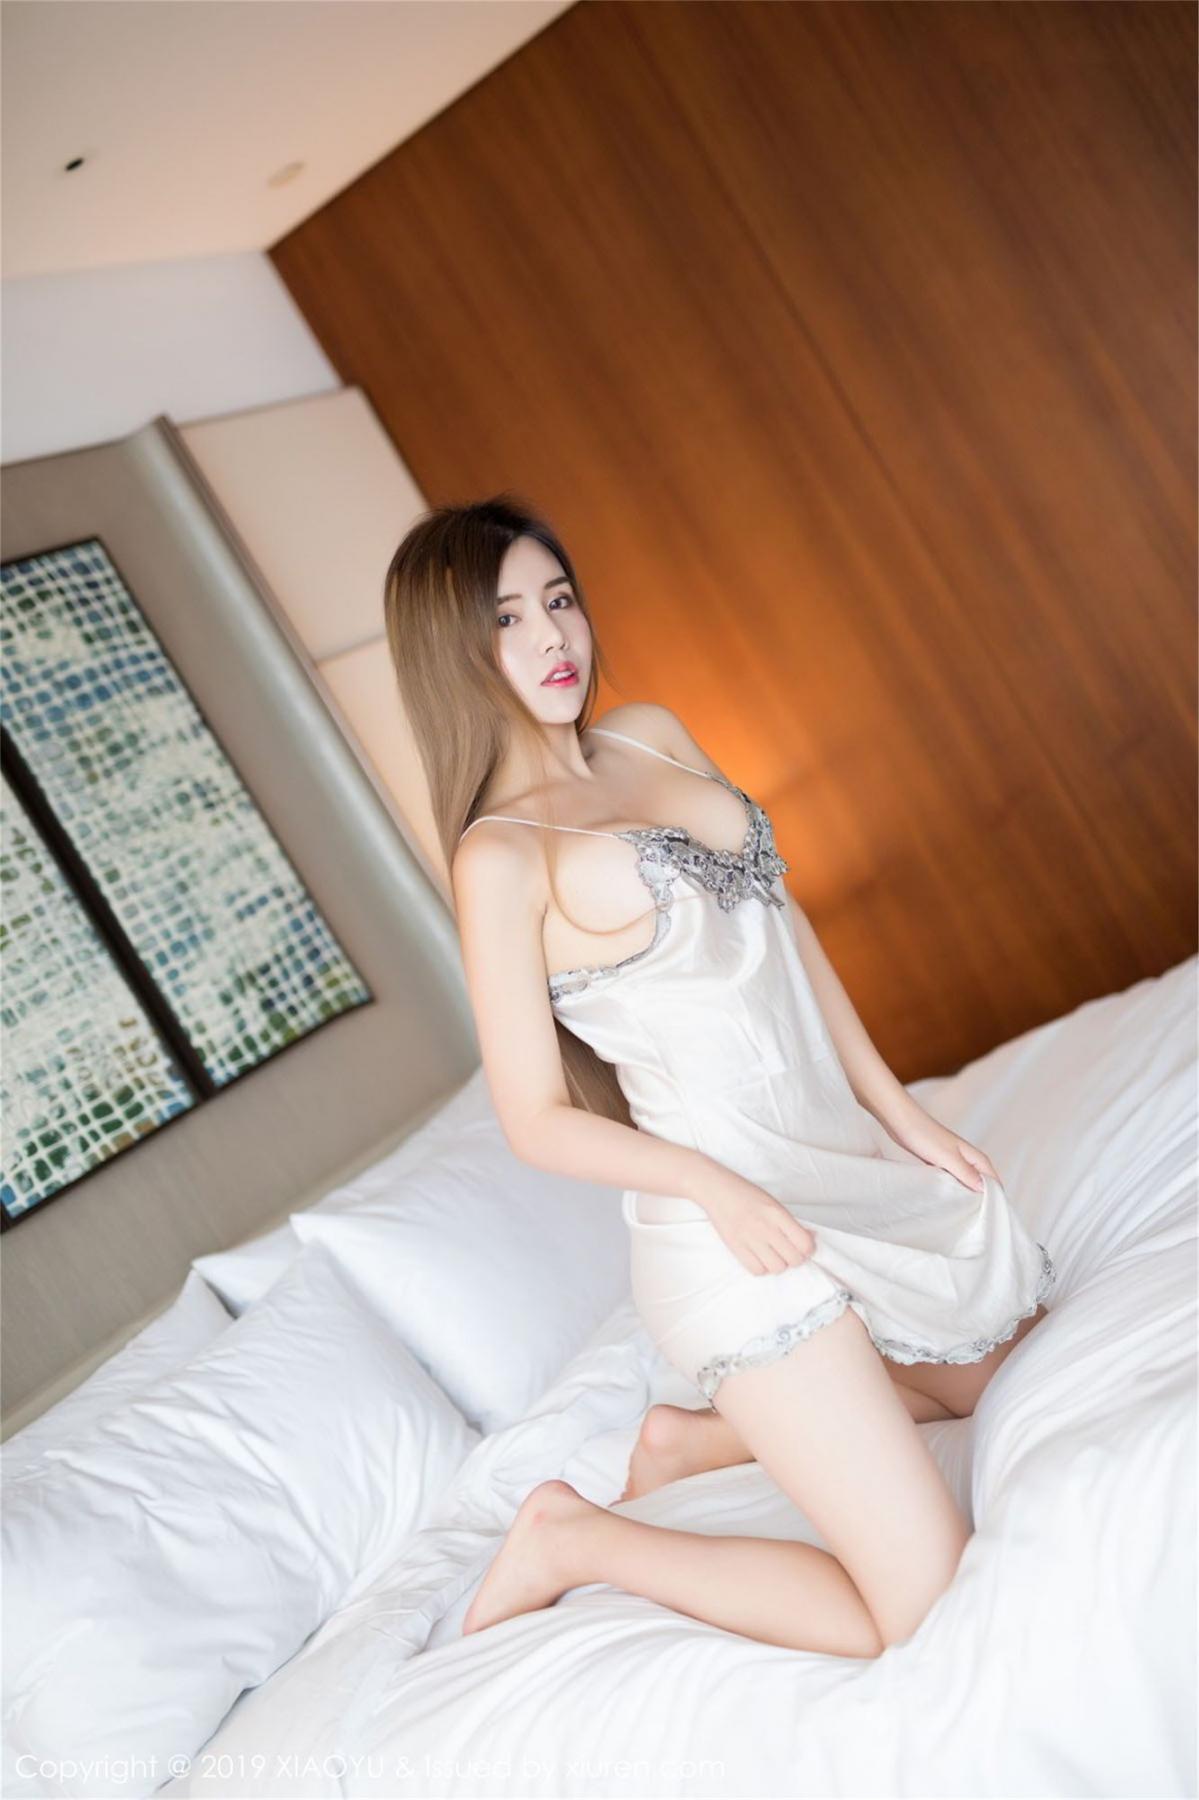 [XiaoYu] Vol.093 Zhuo Ya Qi 25P, Underwear, XiaoYu, Zhuo Ya Qi